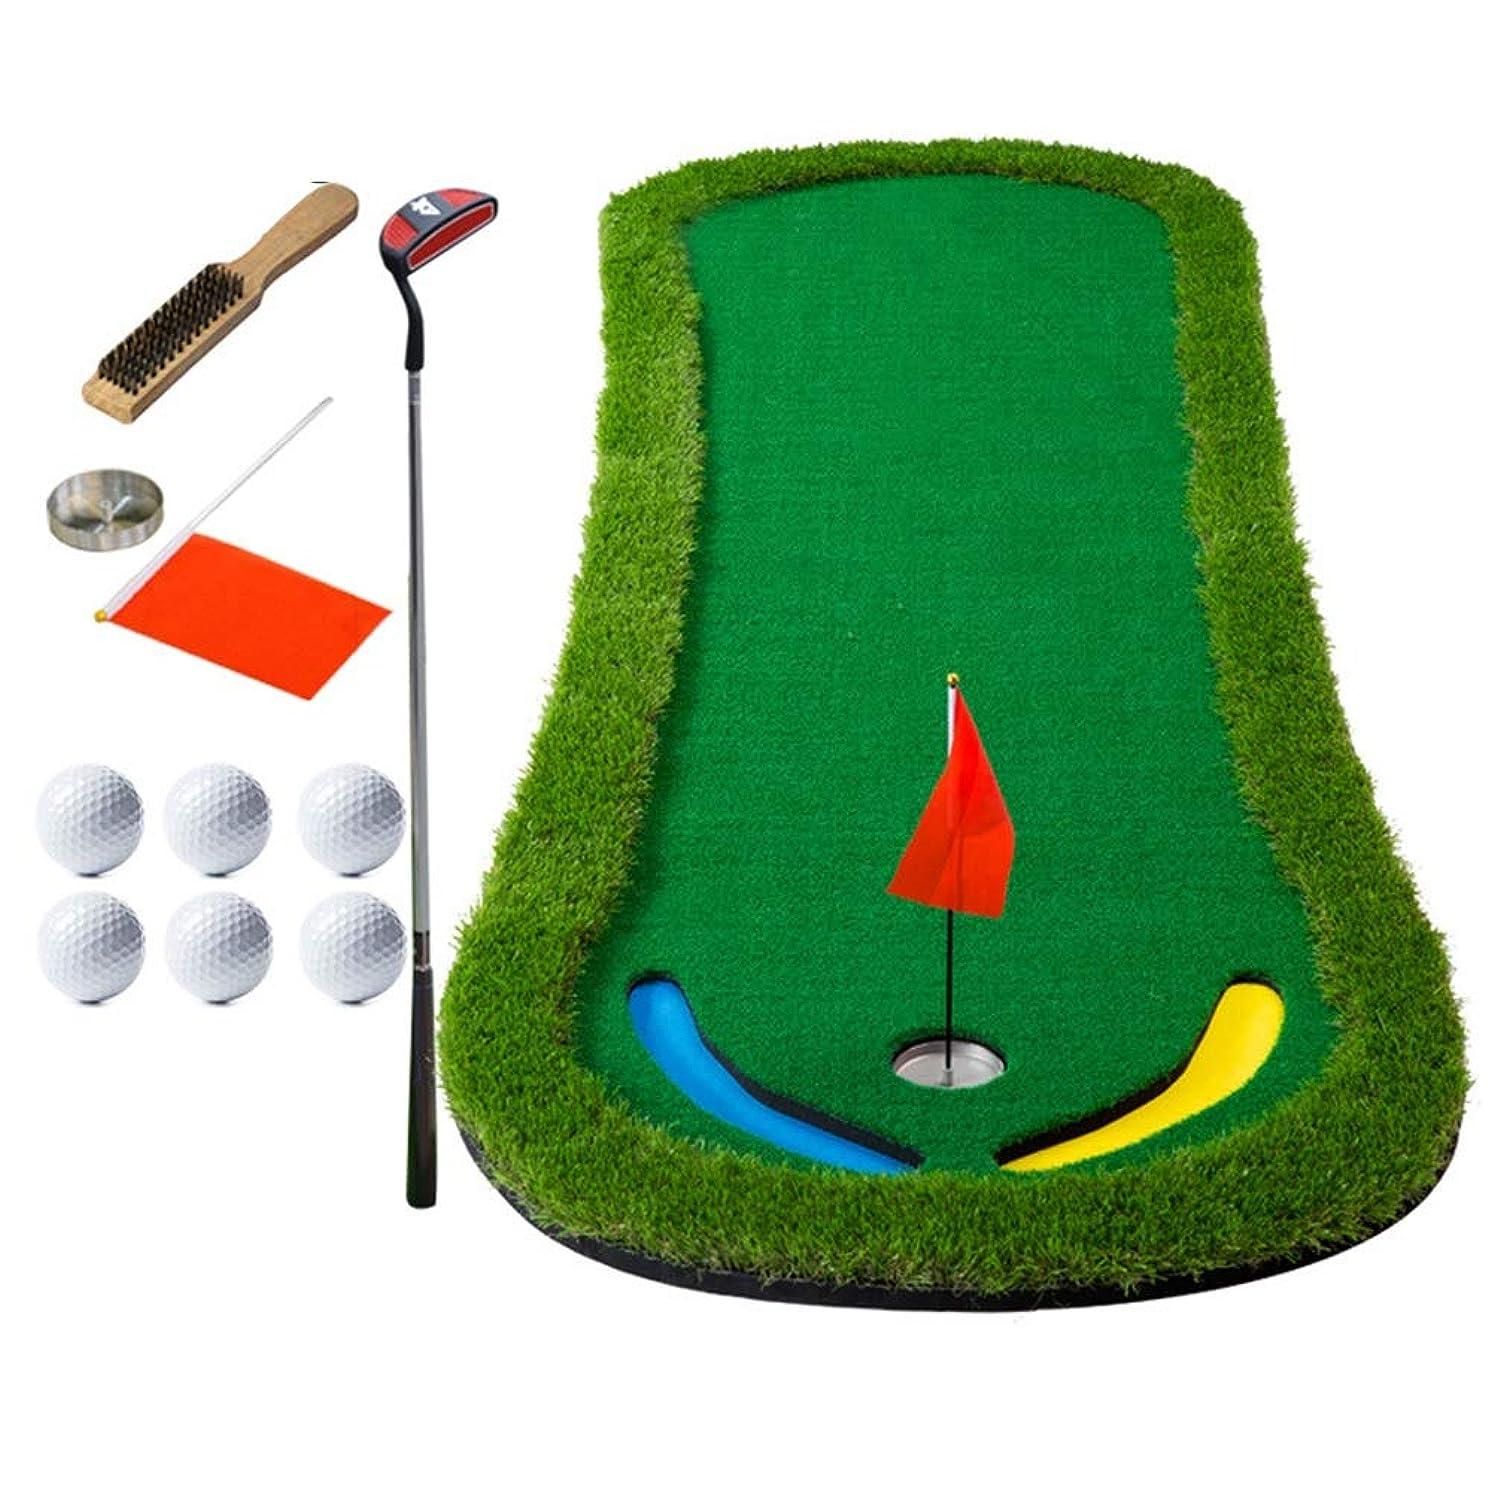 リア王謙虚な母性ゴルフ練習用マット ショットマット ゴルフパッティンググリーンゴルフコートミニトレーニングマットポータブルエイズ - エクストラロングリアルライクグラスパッティングトレーナーセット (色 : 1.3m, サイズ : Accessories+putter)